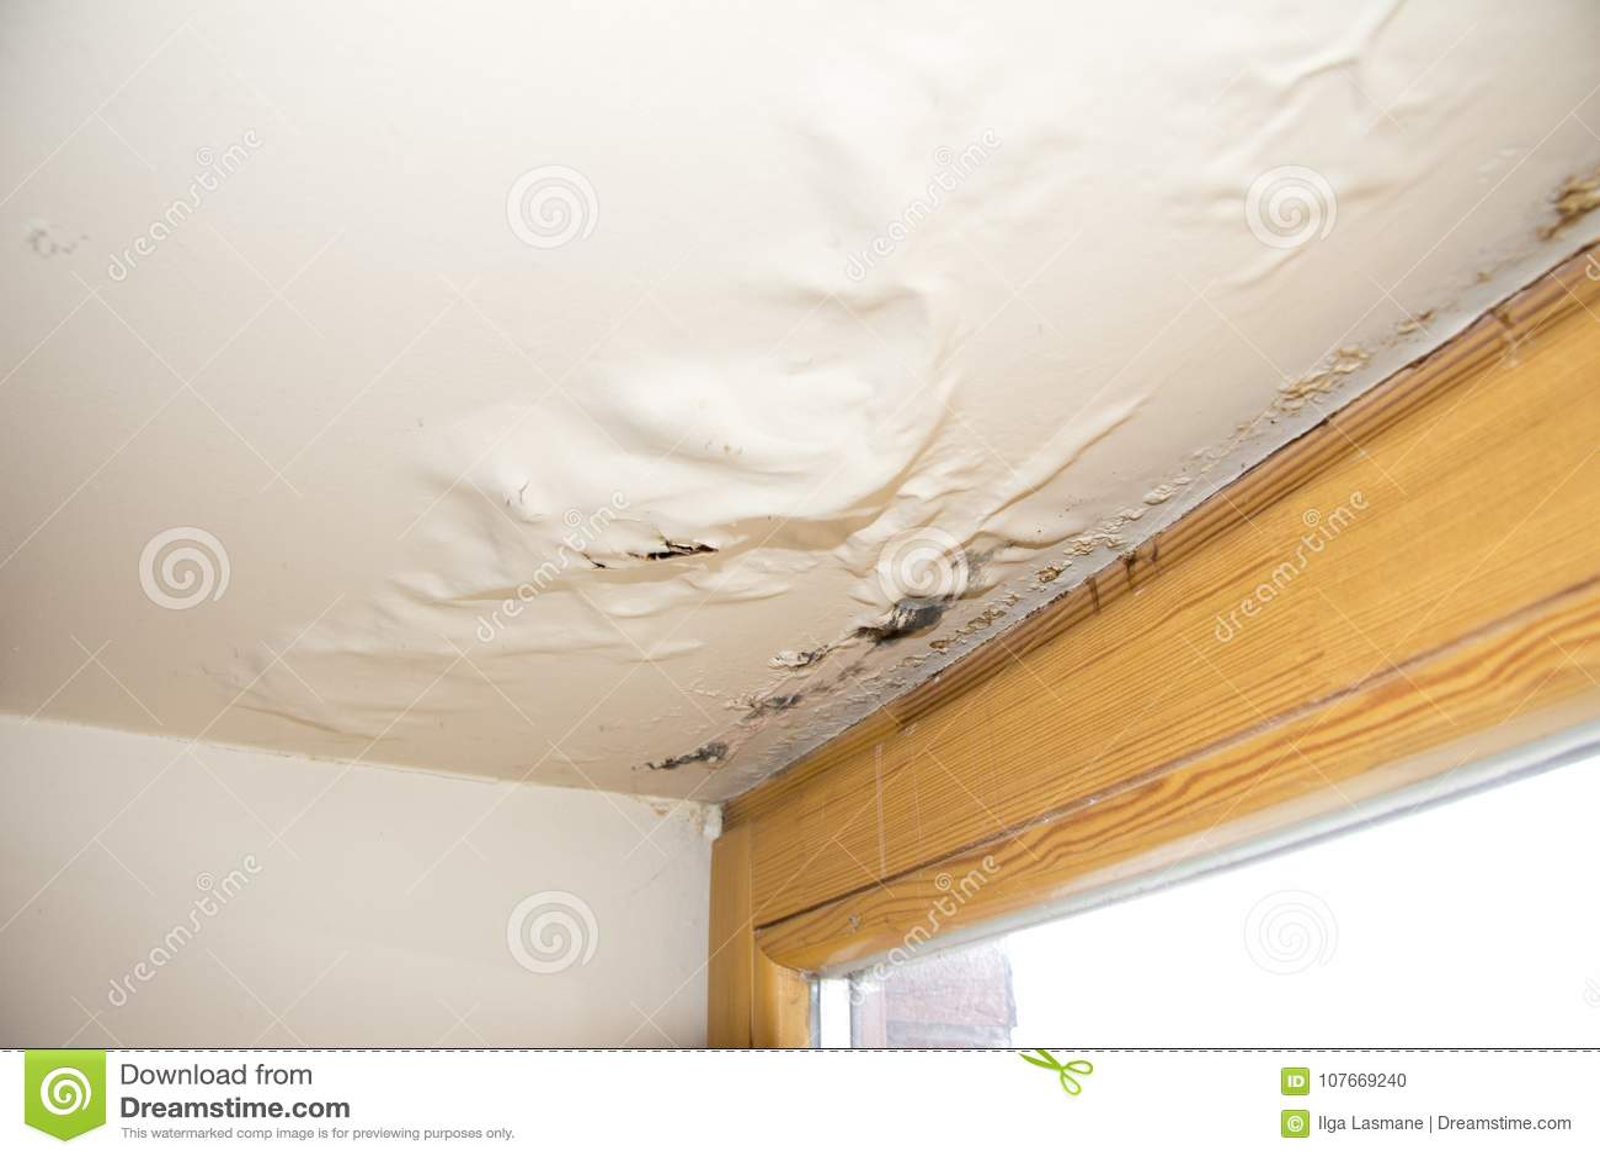 水,湿气在窗口旁边损坏了天花板